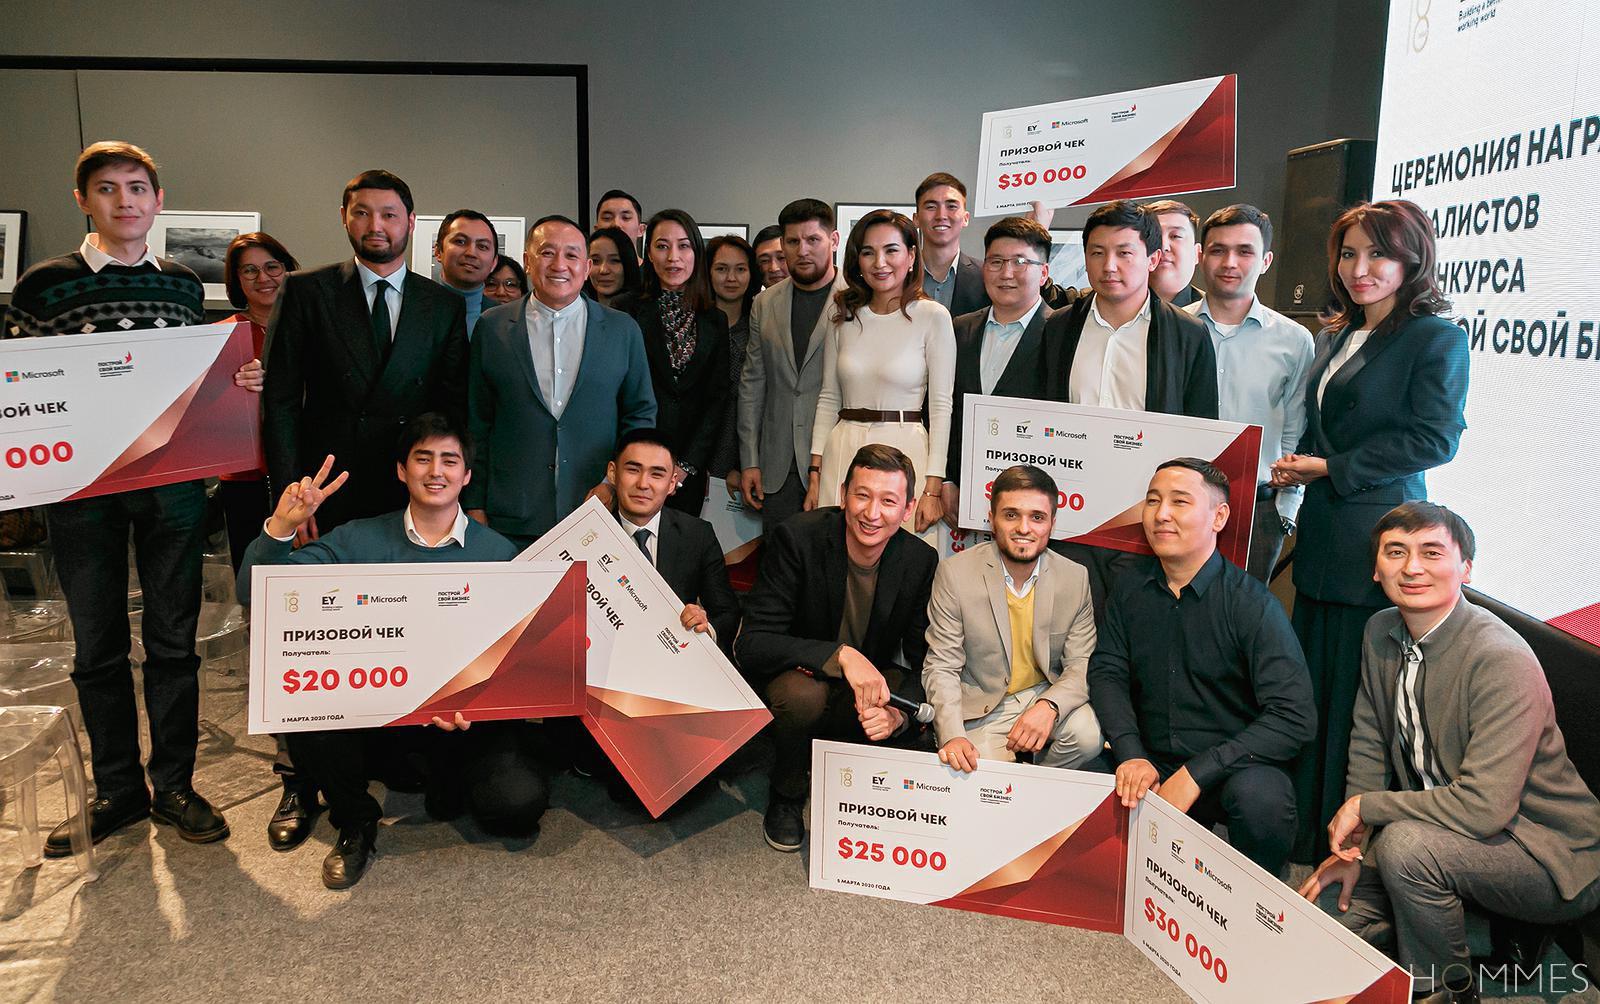 Проект «Построй свой бизнес» выделил 300 тыс. долл. молодым предпринимателям